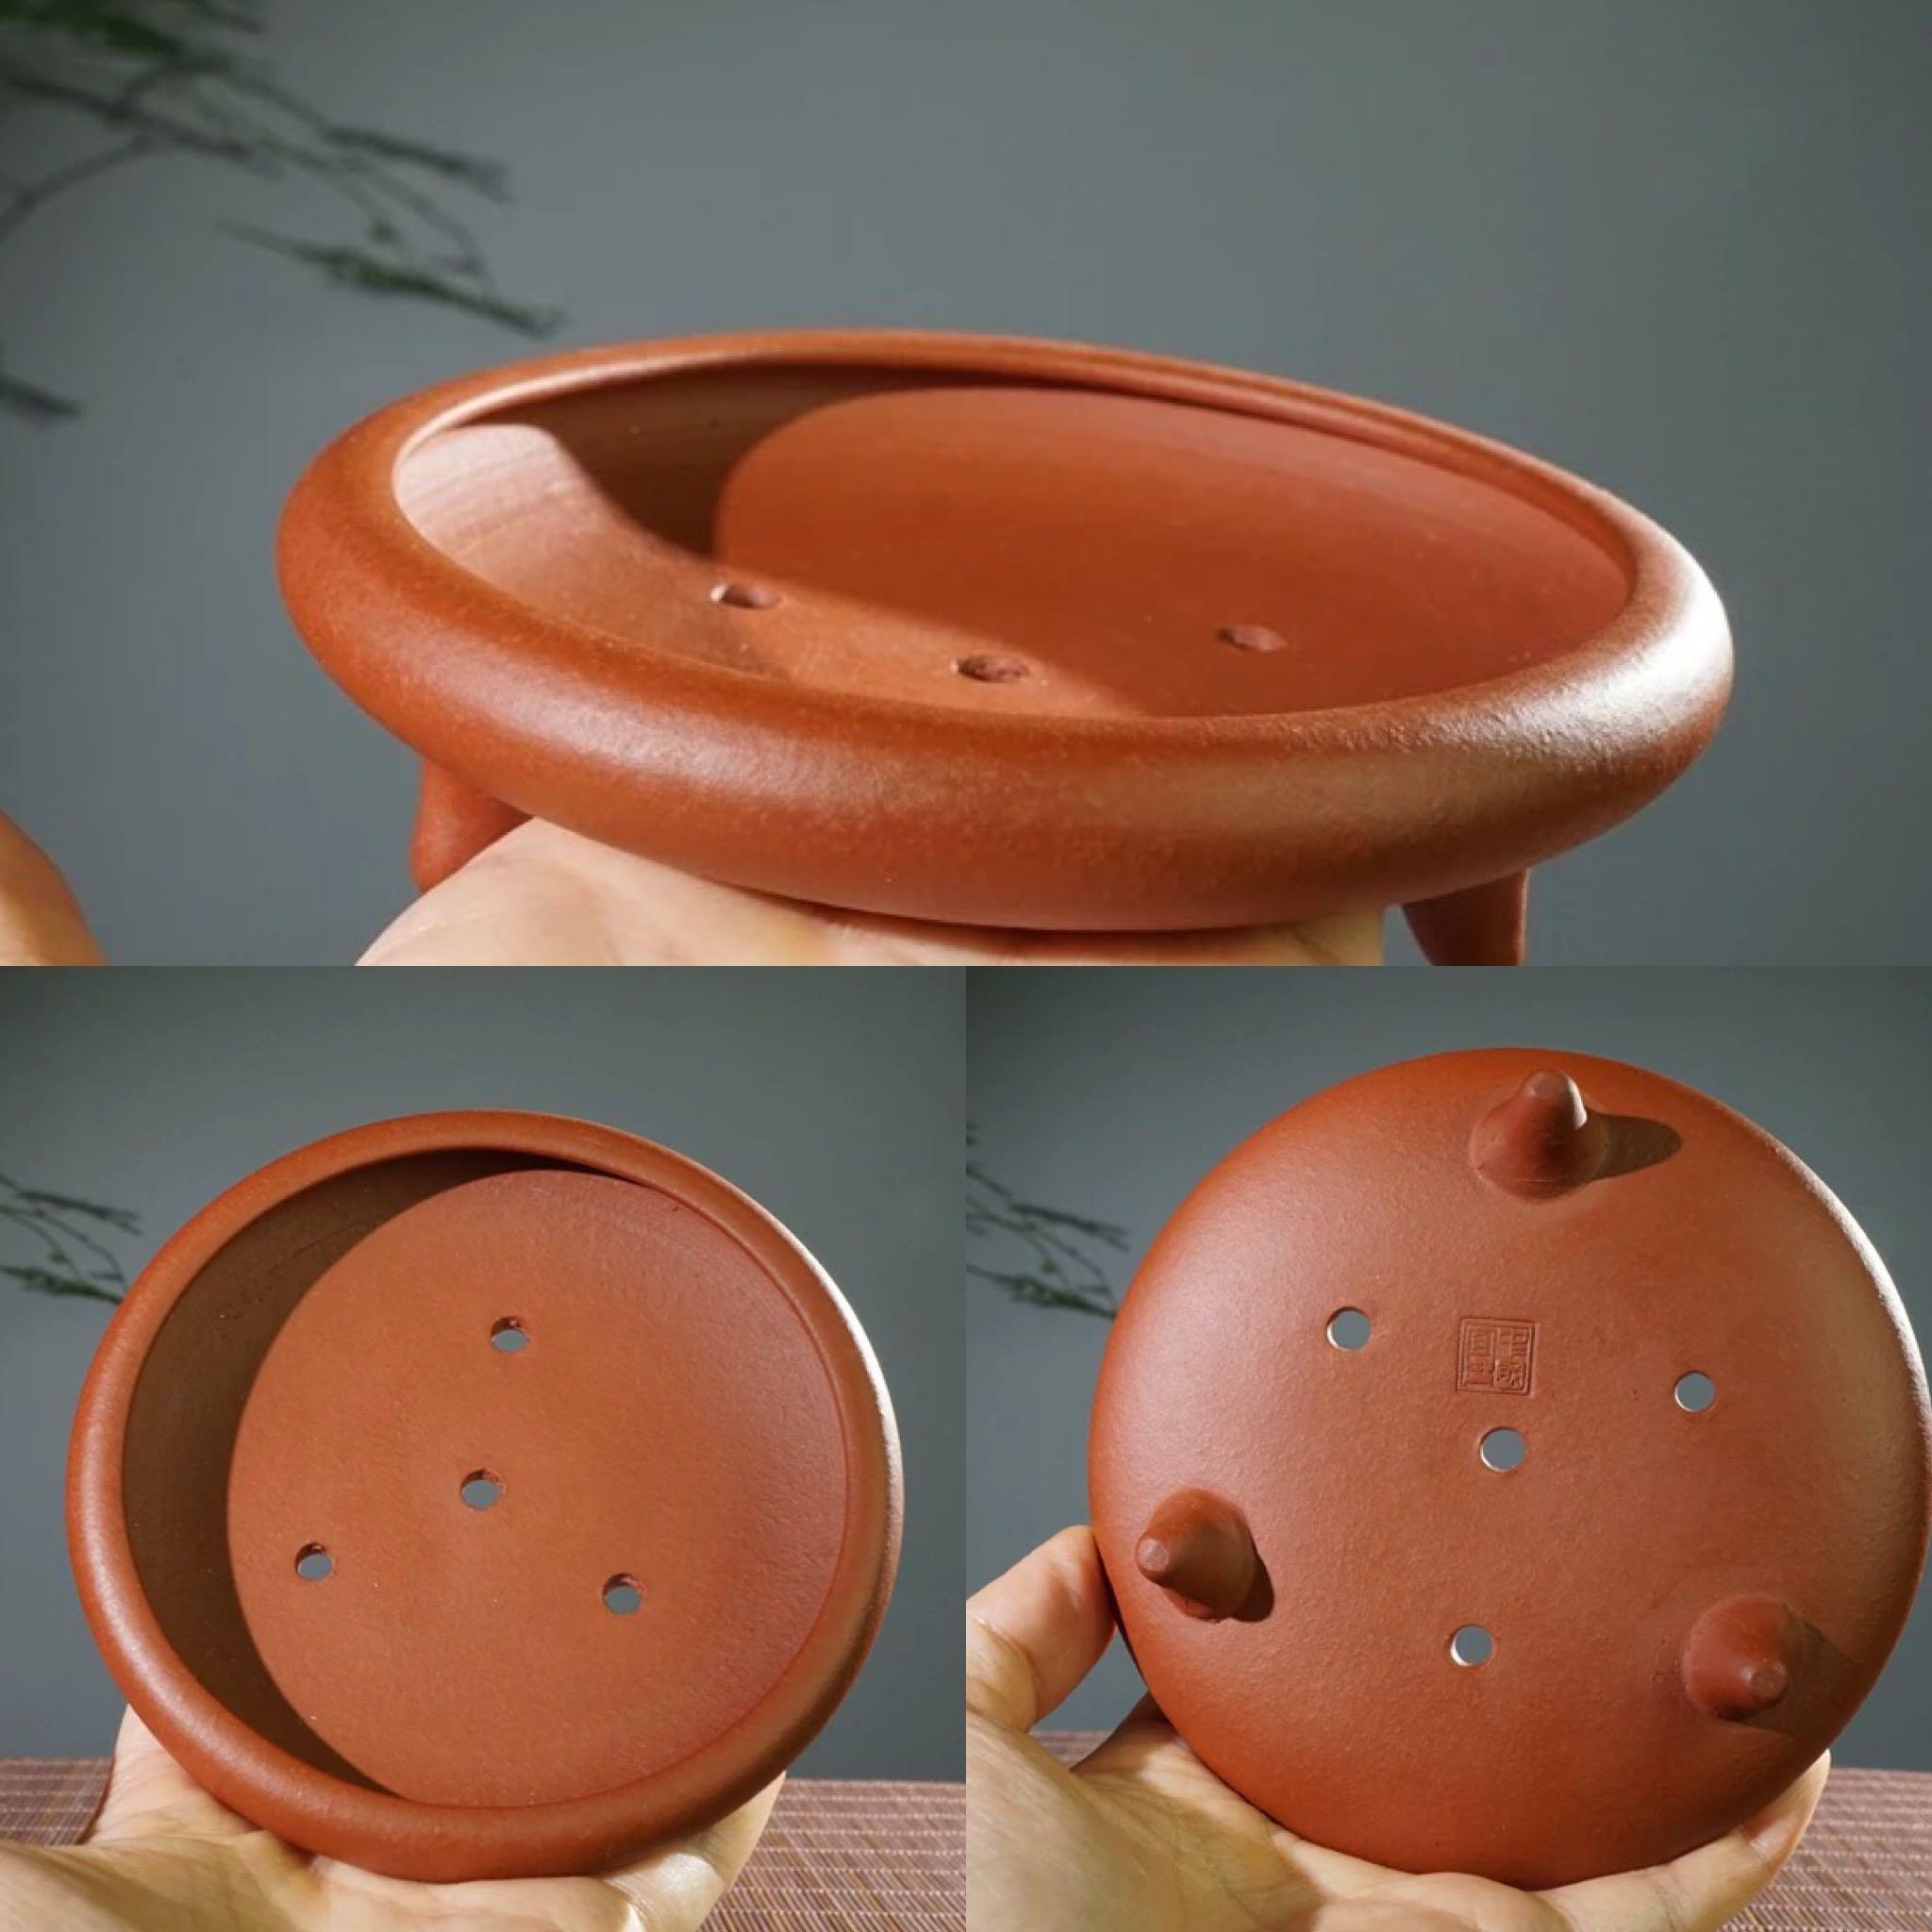 Pots & Planters: Bonsai Pot| YiXing Bonsai Pot